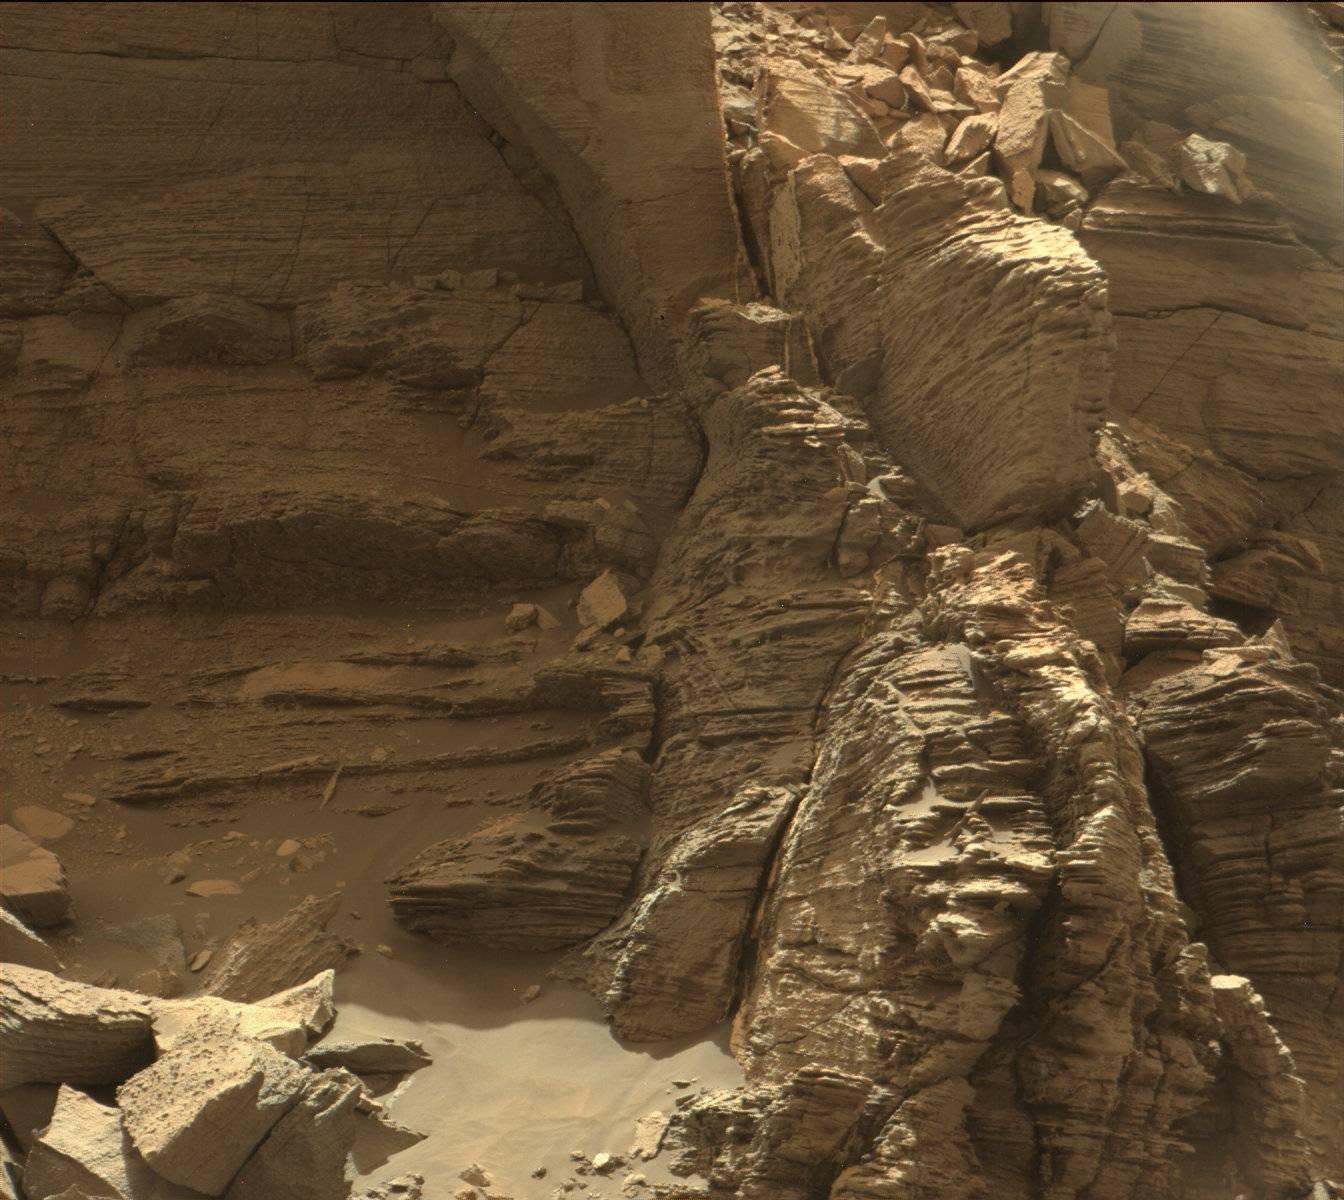 NASA Mars Rover Curiosity image